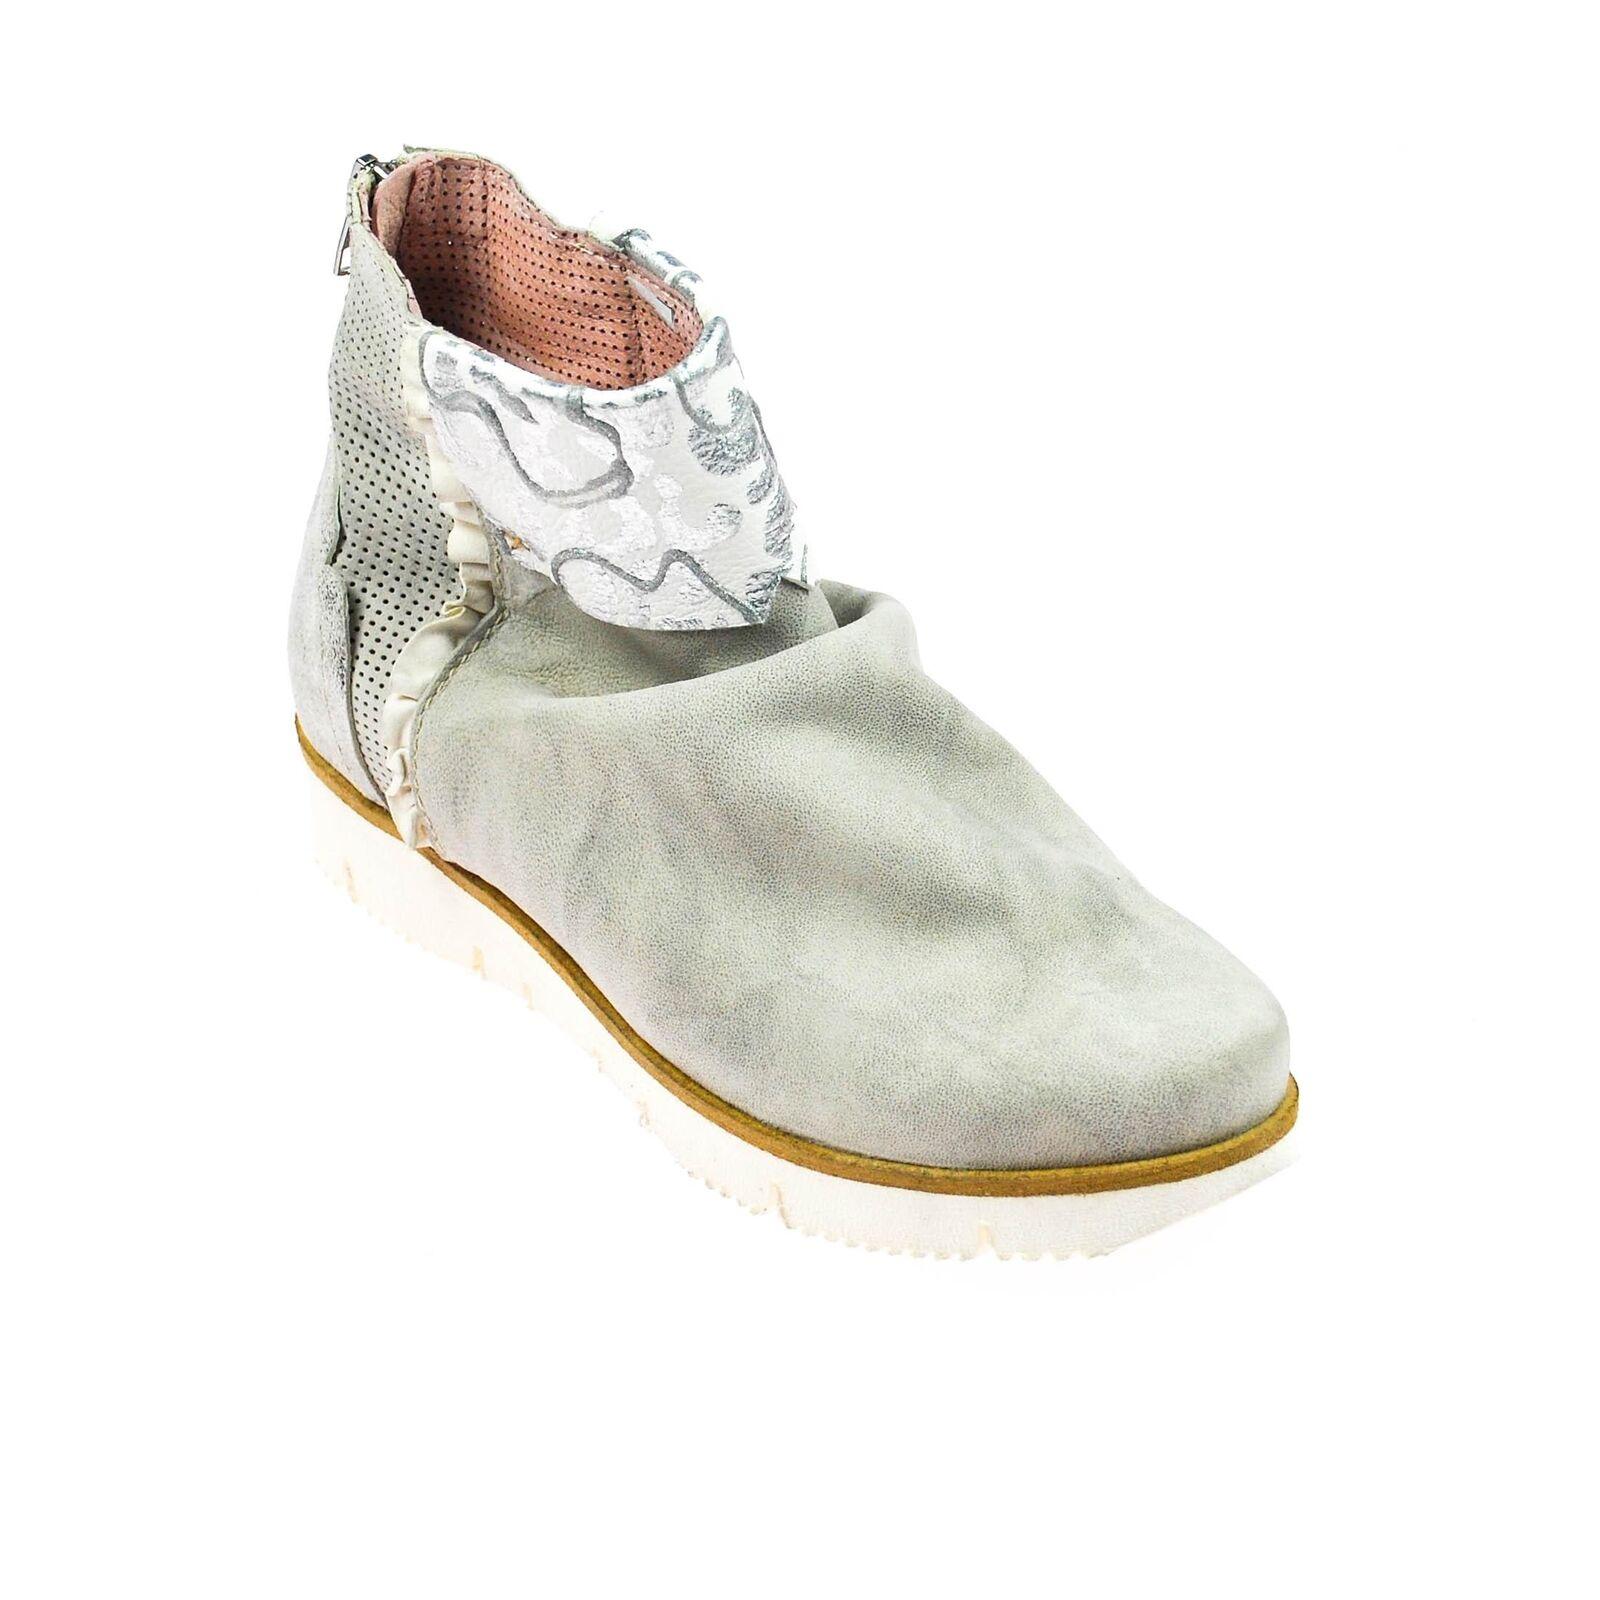 vendita scontata Fascino stivaletti donna scarpe basse basse basse barca pelle grigio bianco argento multicolore  Offriamo vari marchi famosi